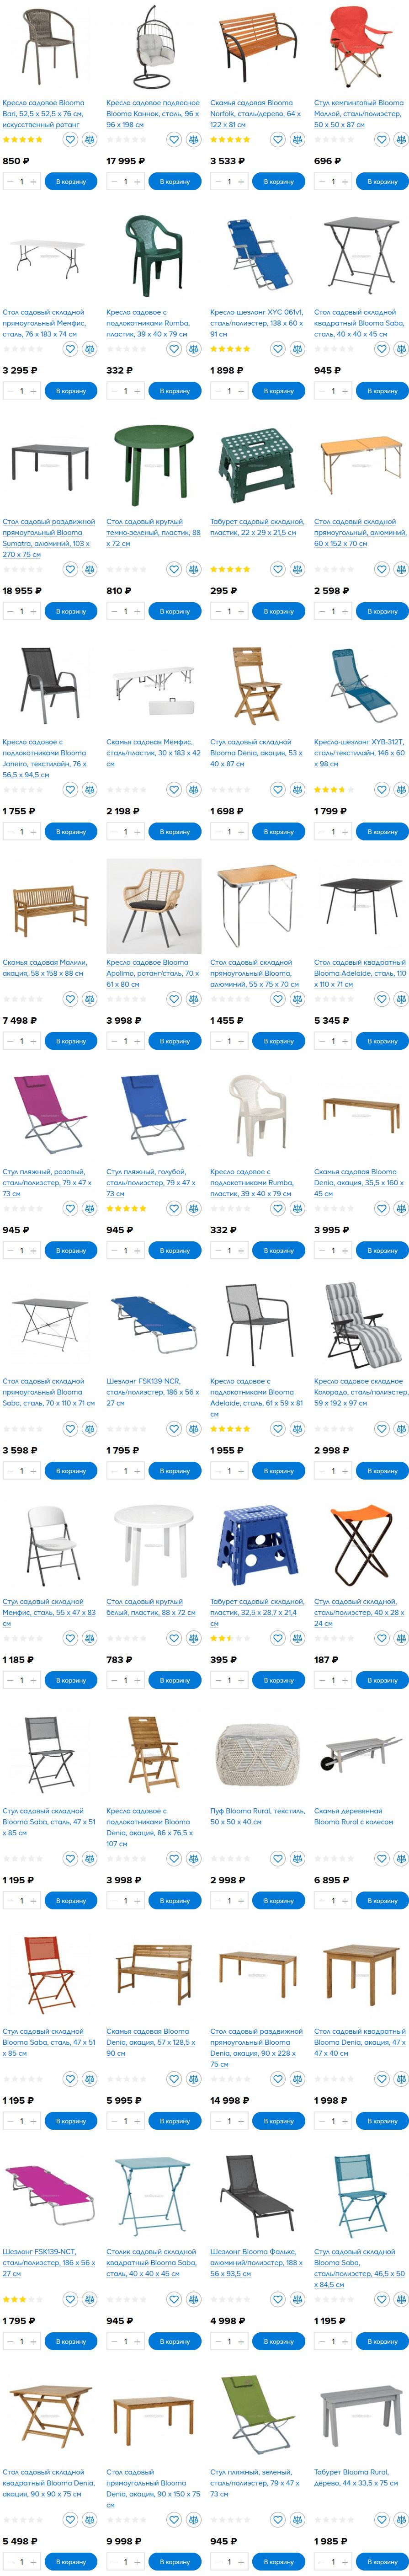 Столы, стулья, кресла и скамейки